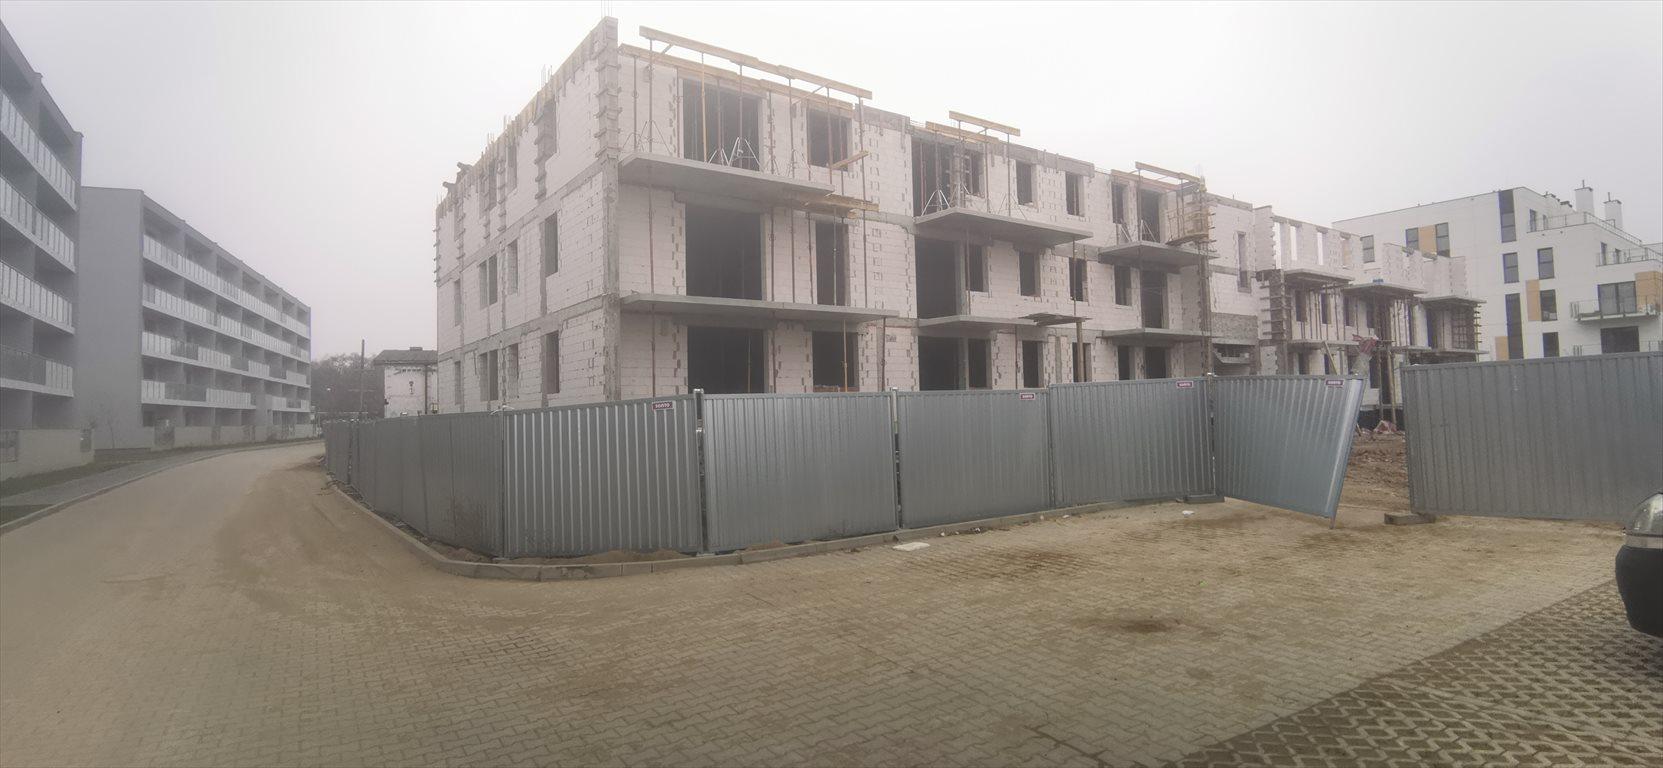 Mieszkanie trzypokojowe na sprzedaż Poznań, Jeżyce, Podolany, Jasielska  49m2 Foto 4